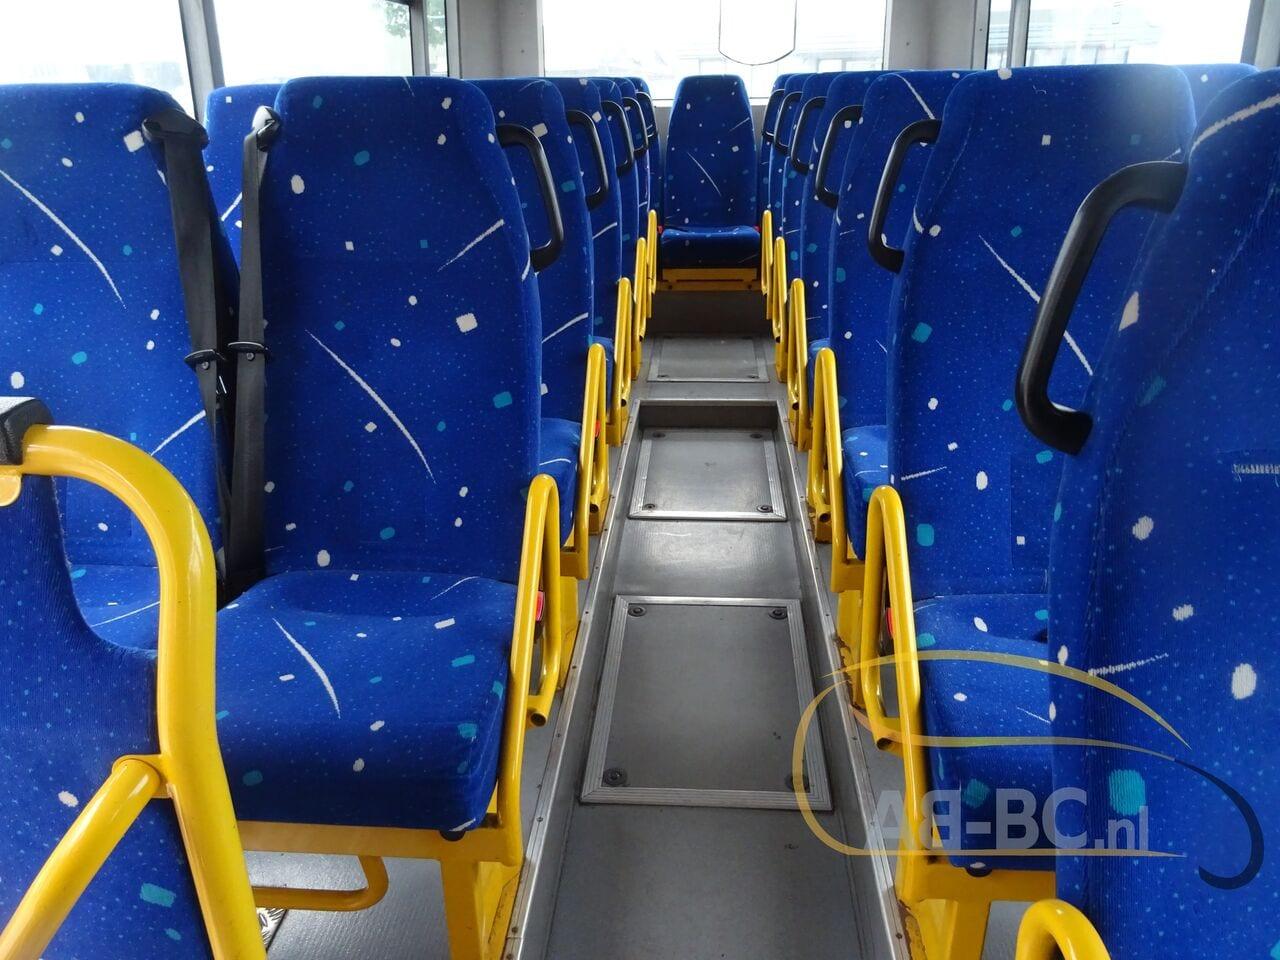 interurban-busIVECO-Irisbus-Recreo-64-Seats---1626160155374033591_big_6c886c9f009c50086c4ab669d141ce60--21071309575983154500